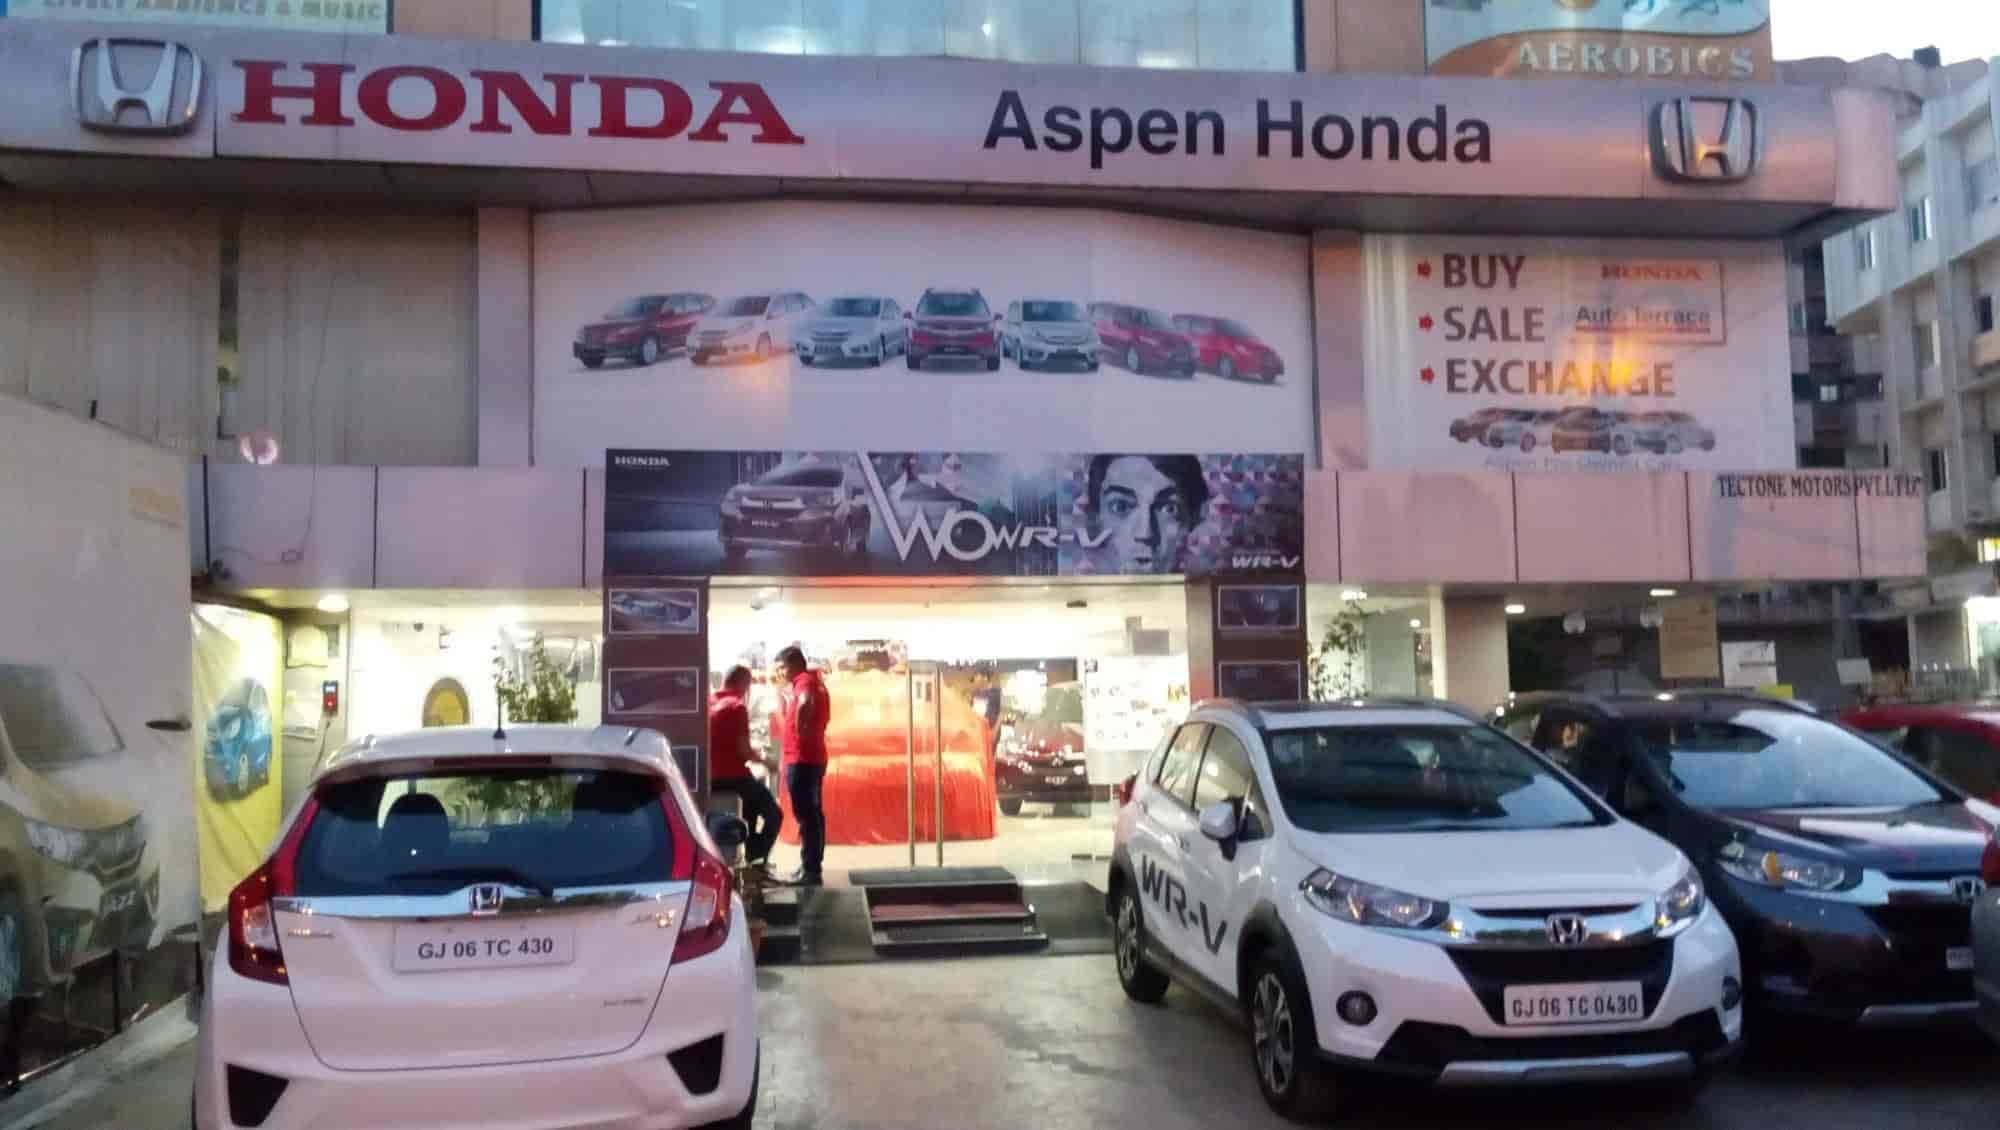 Aspen Honda, Old Padra Road - Car Dealers-Honda in Vadodara - Justdial